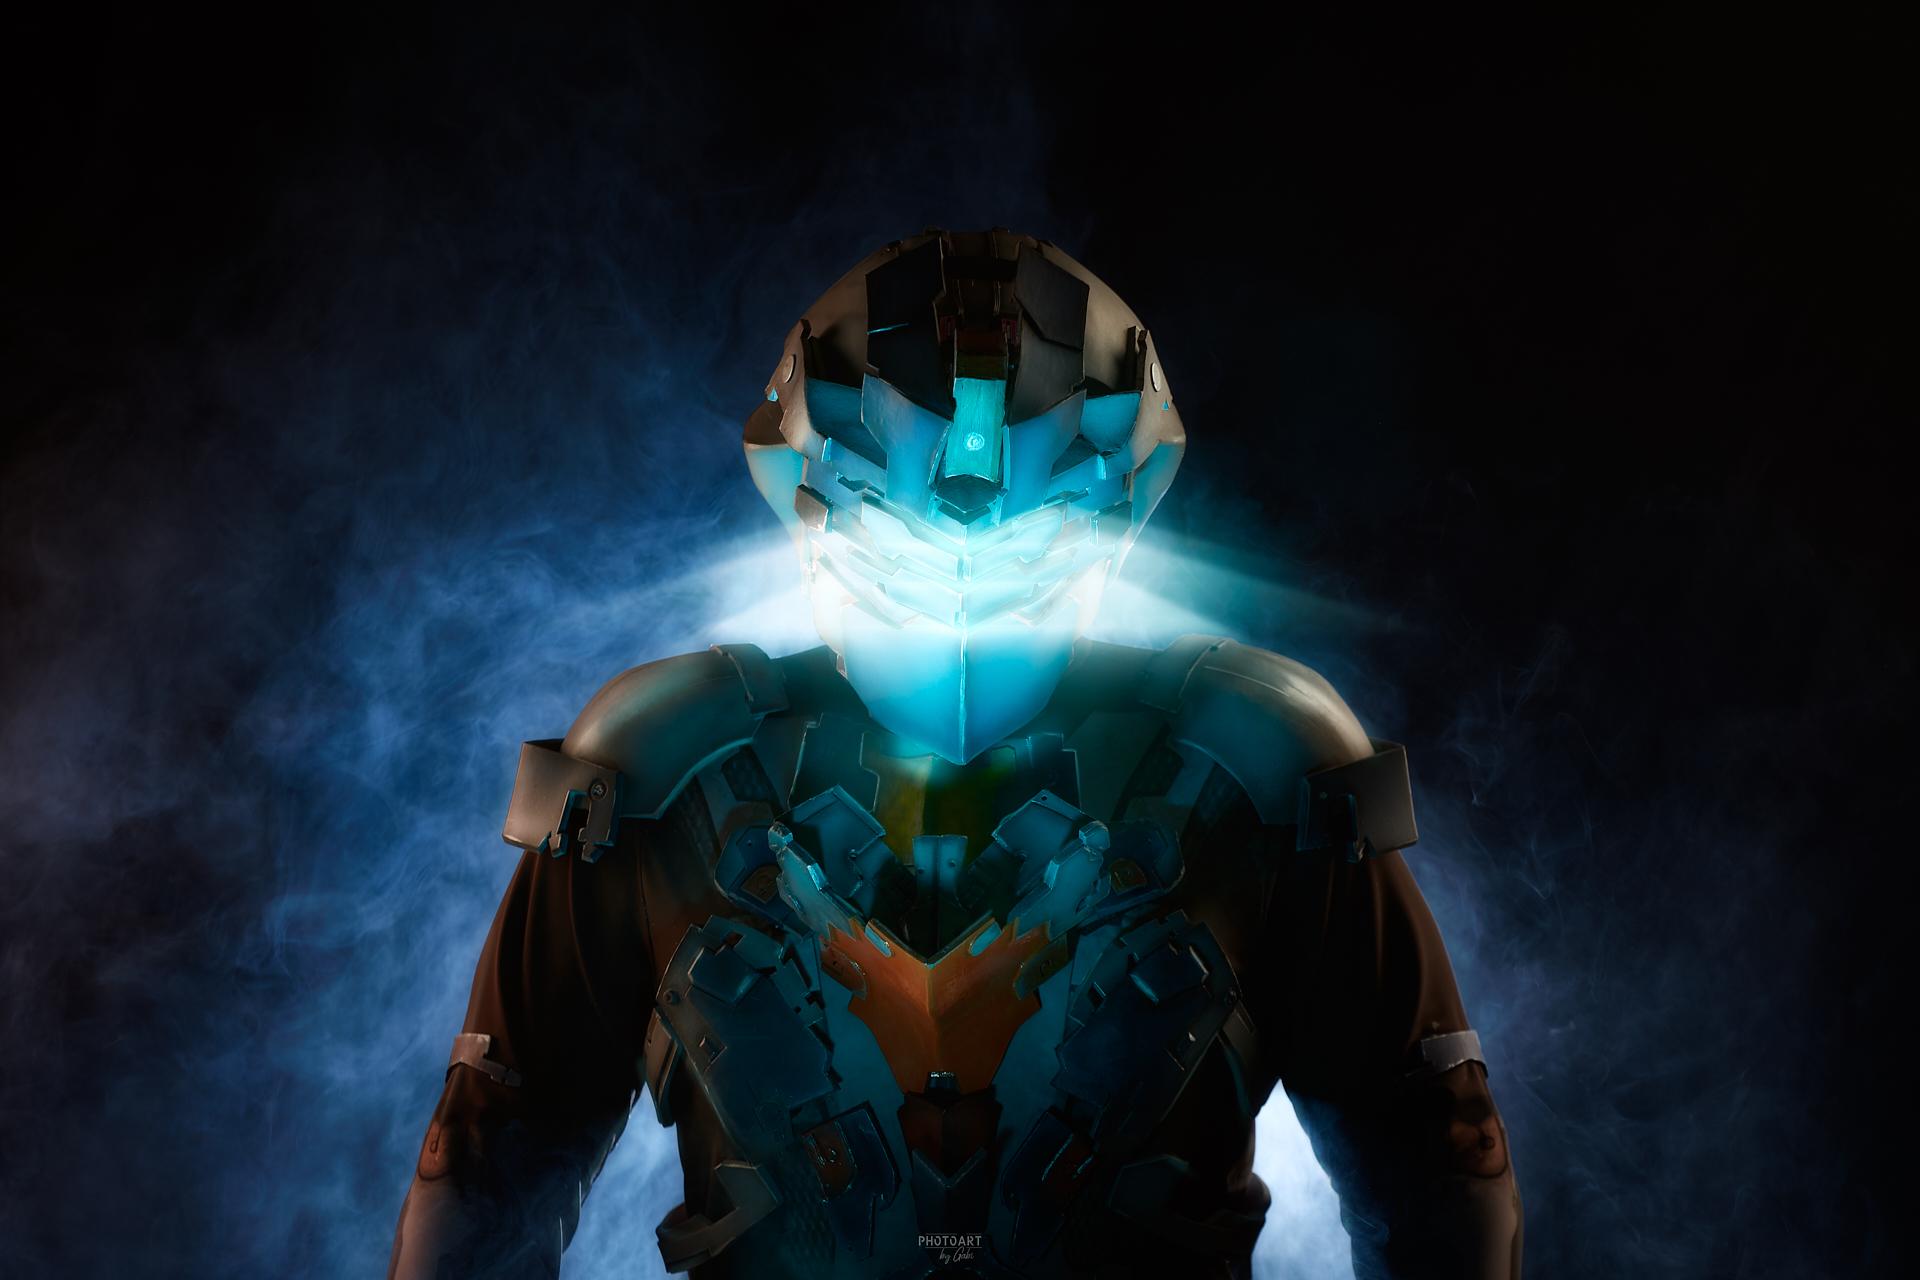 Как делается косплей. Cоздание костюма Advanced Suit Aйзека Кларка из игры Dead Space 2